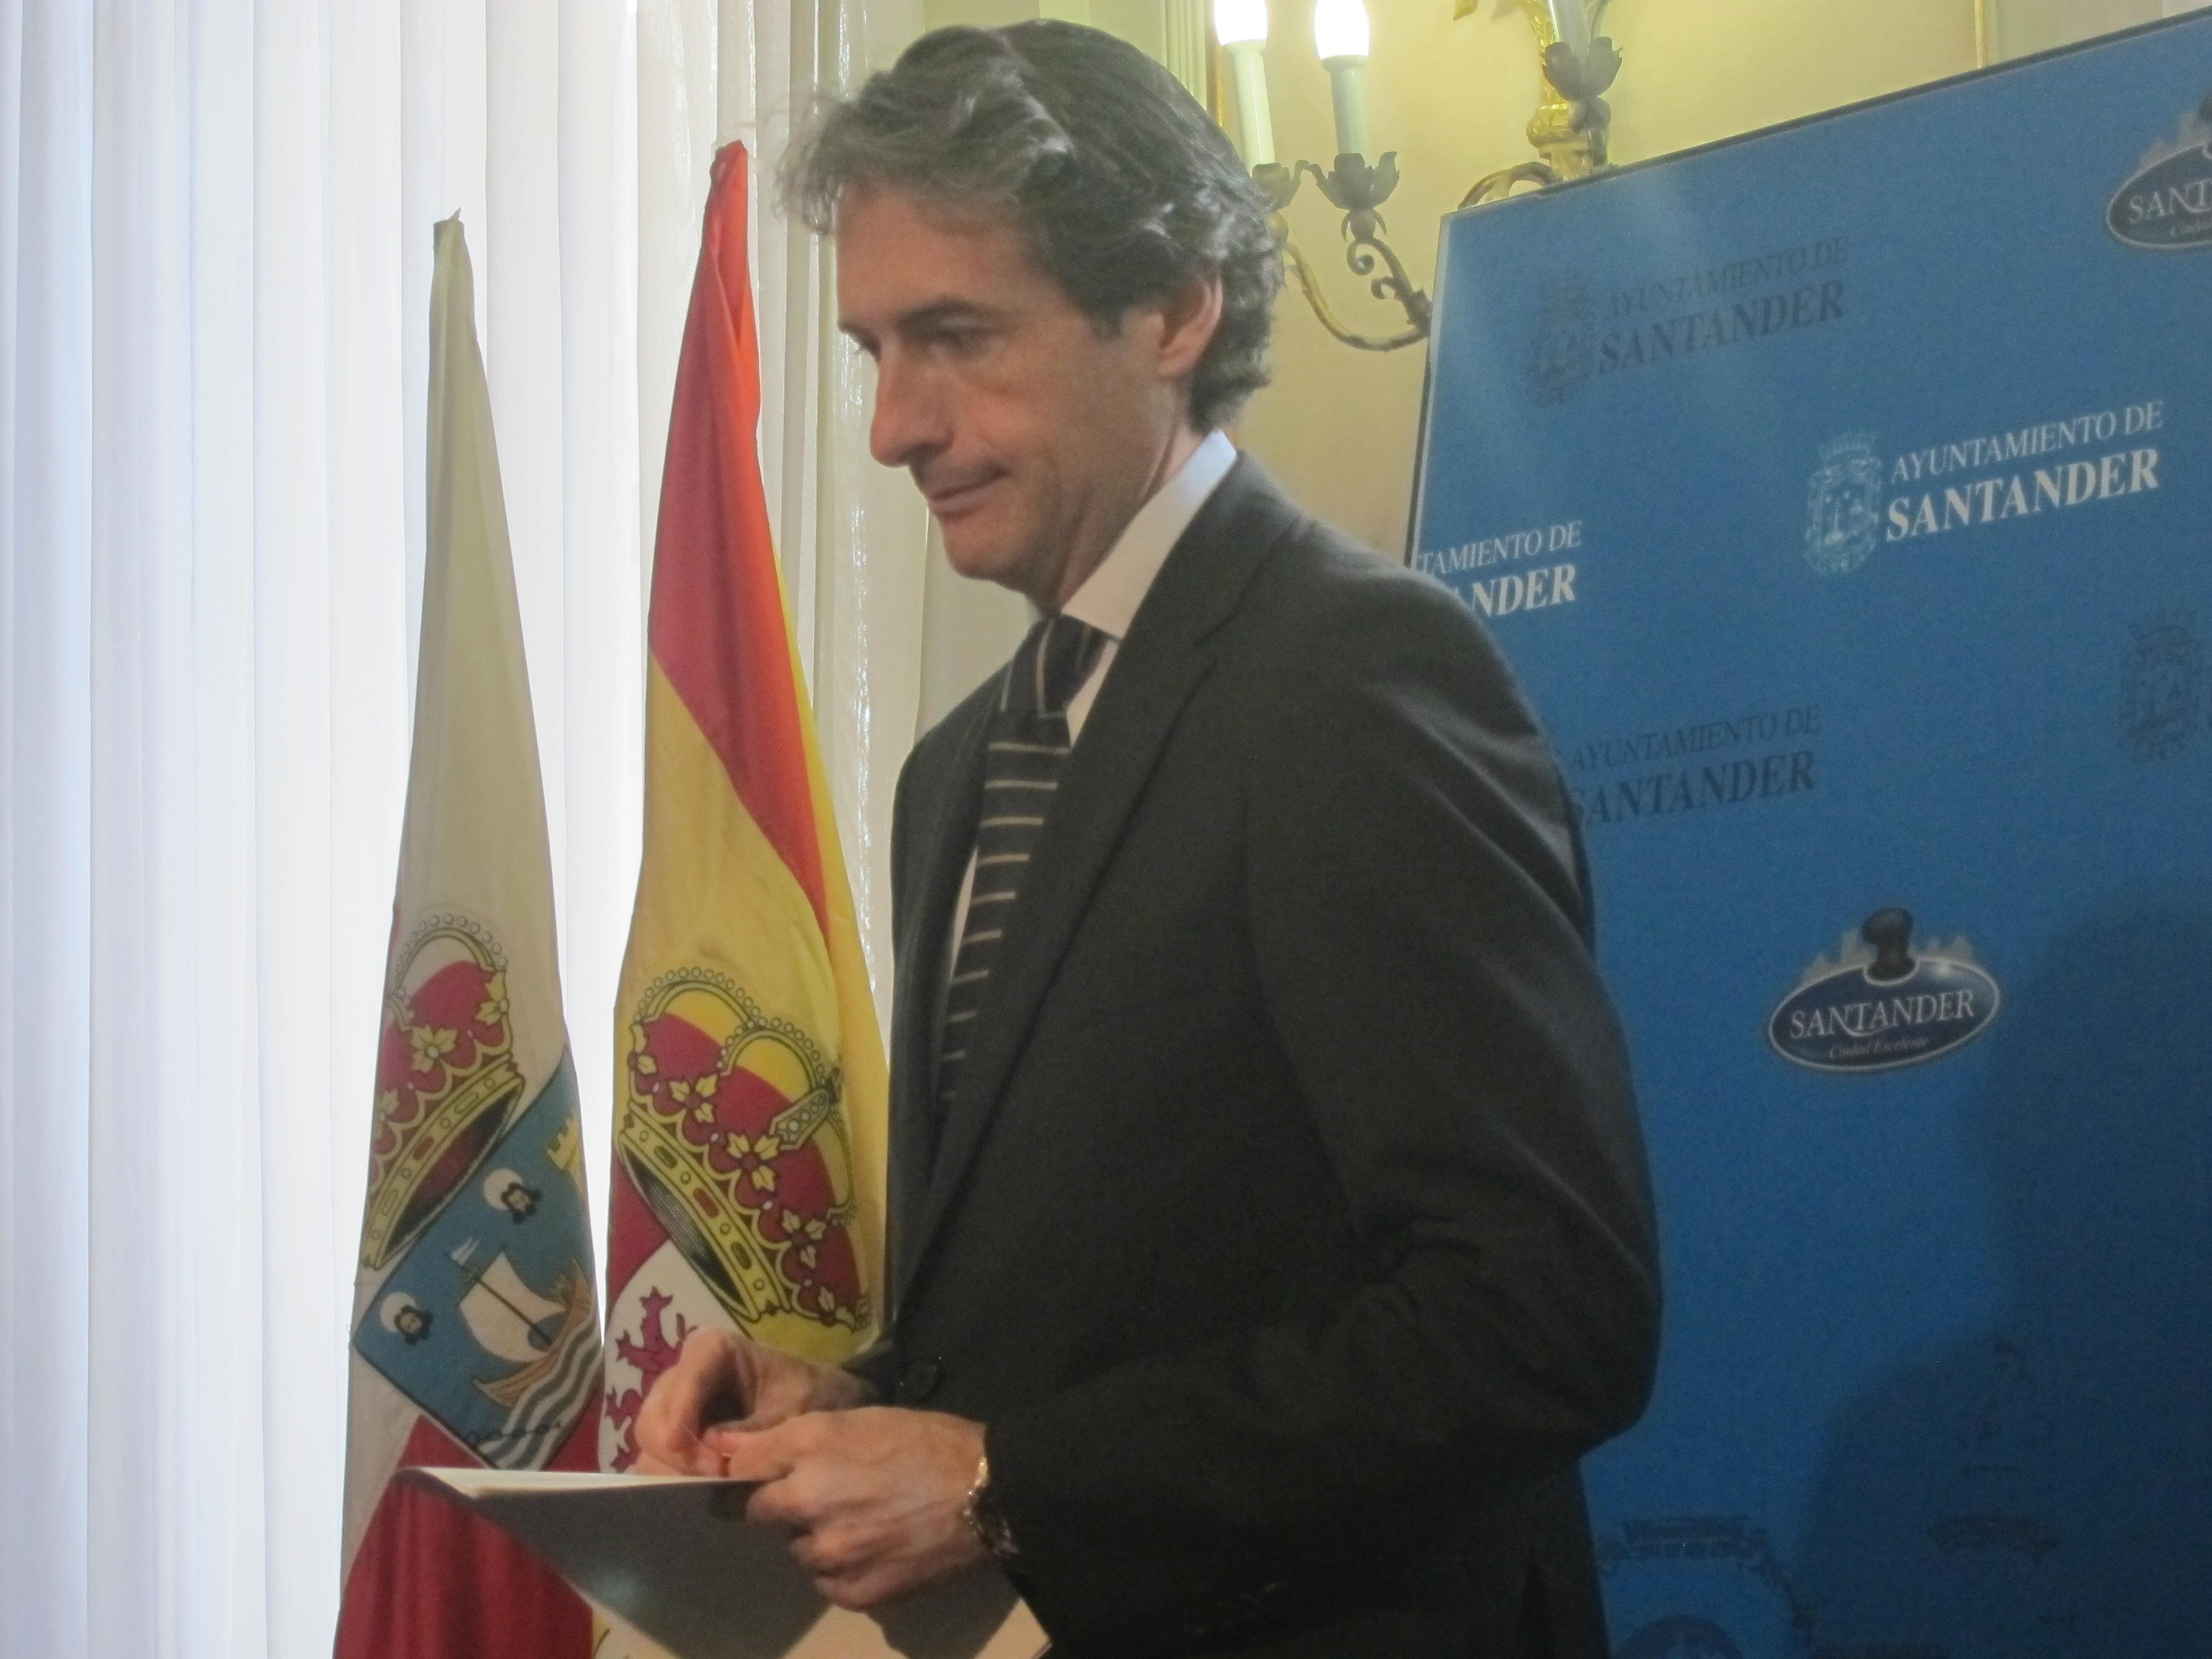 Los ayuntamientos reivindicarán participar en los ingresos de las comunidades autónomas